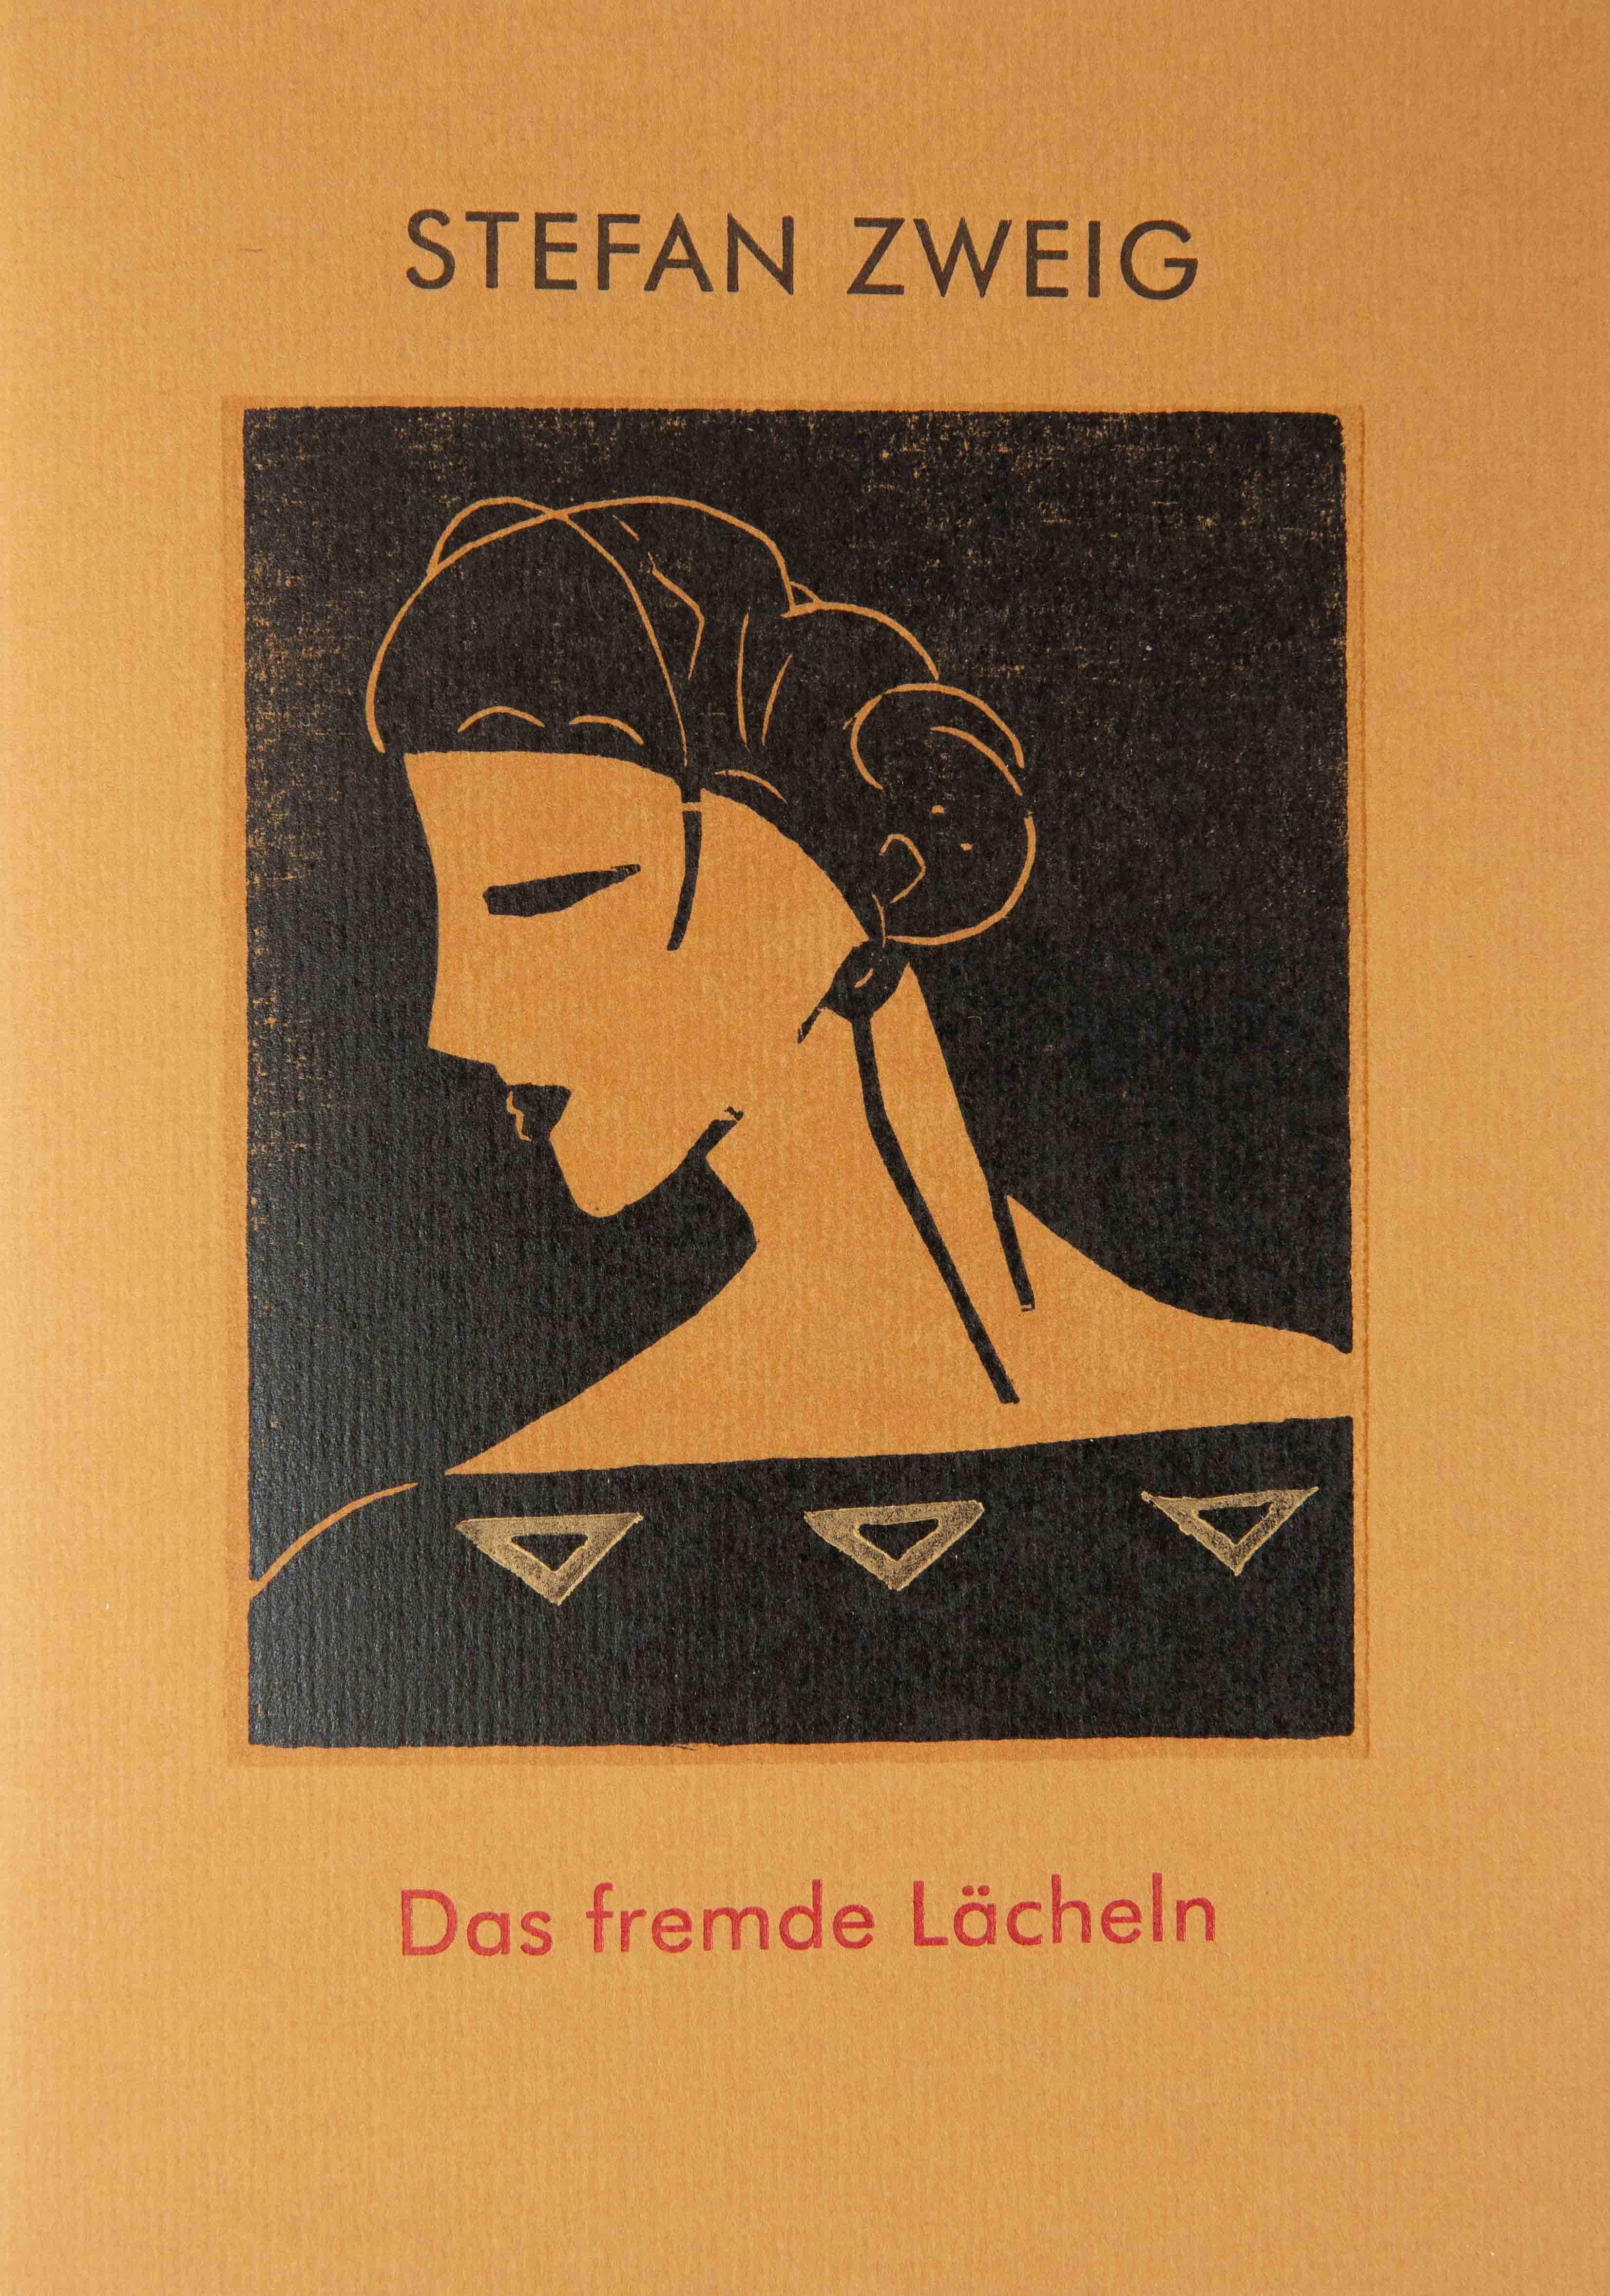 Das fremde Lächeln - Stefan Zweig